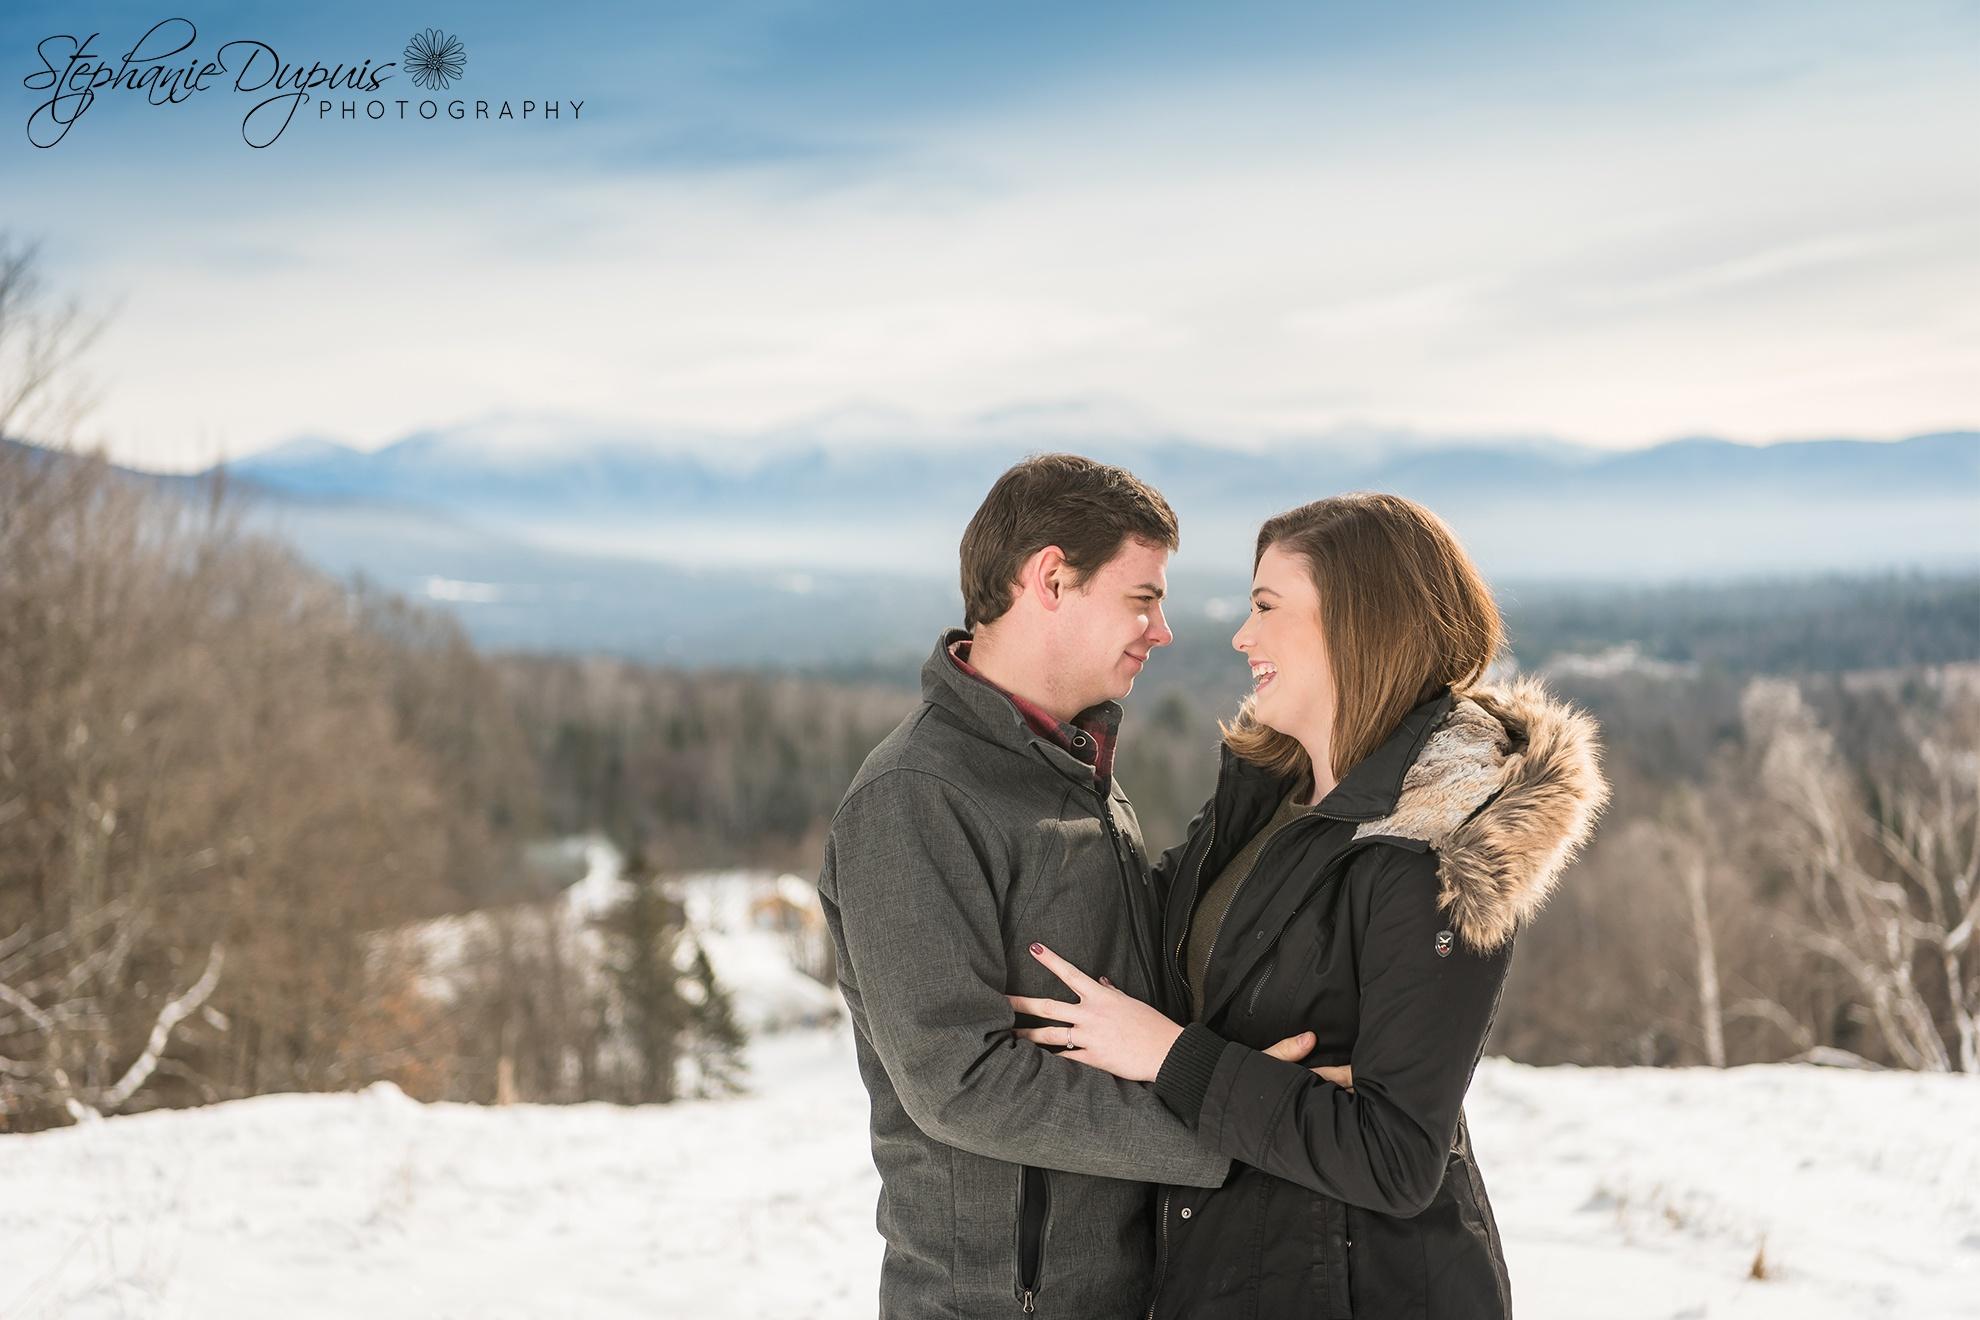 Engagement Photographer 02 - Portfolio: Ethan & Baylee's Engagement